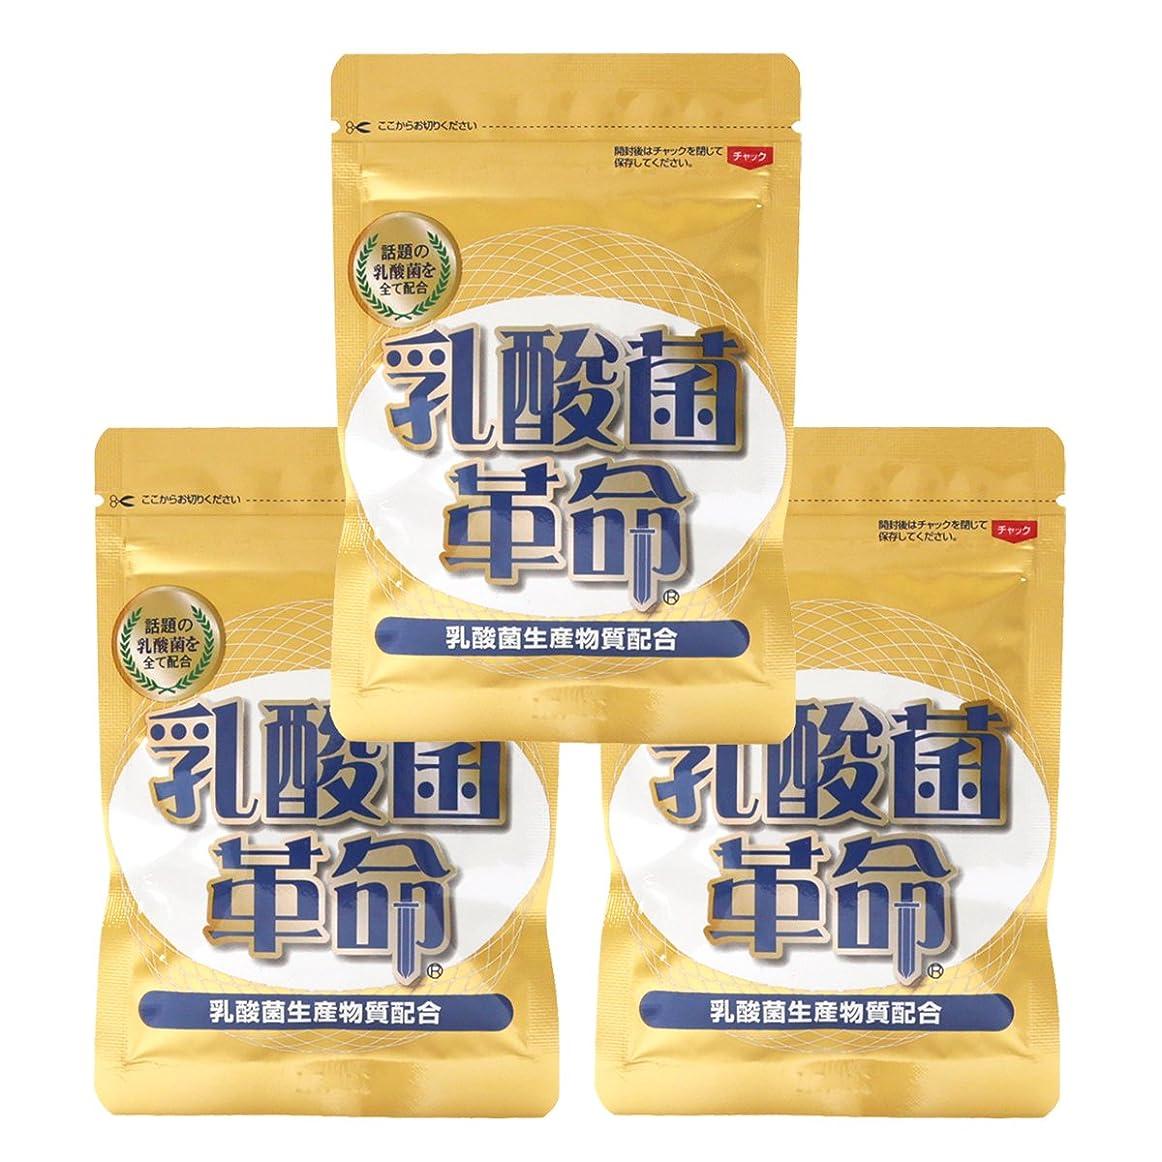 弱い廃止するに対処する健康いきいき倶楽部 乳酸菌革命 3袋セット (62粒入×3袋) 乳酸菌 サプリ